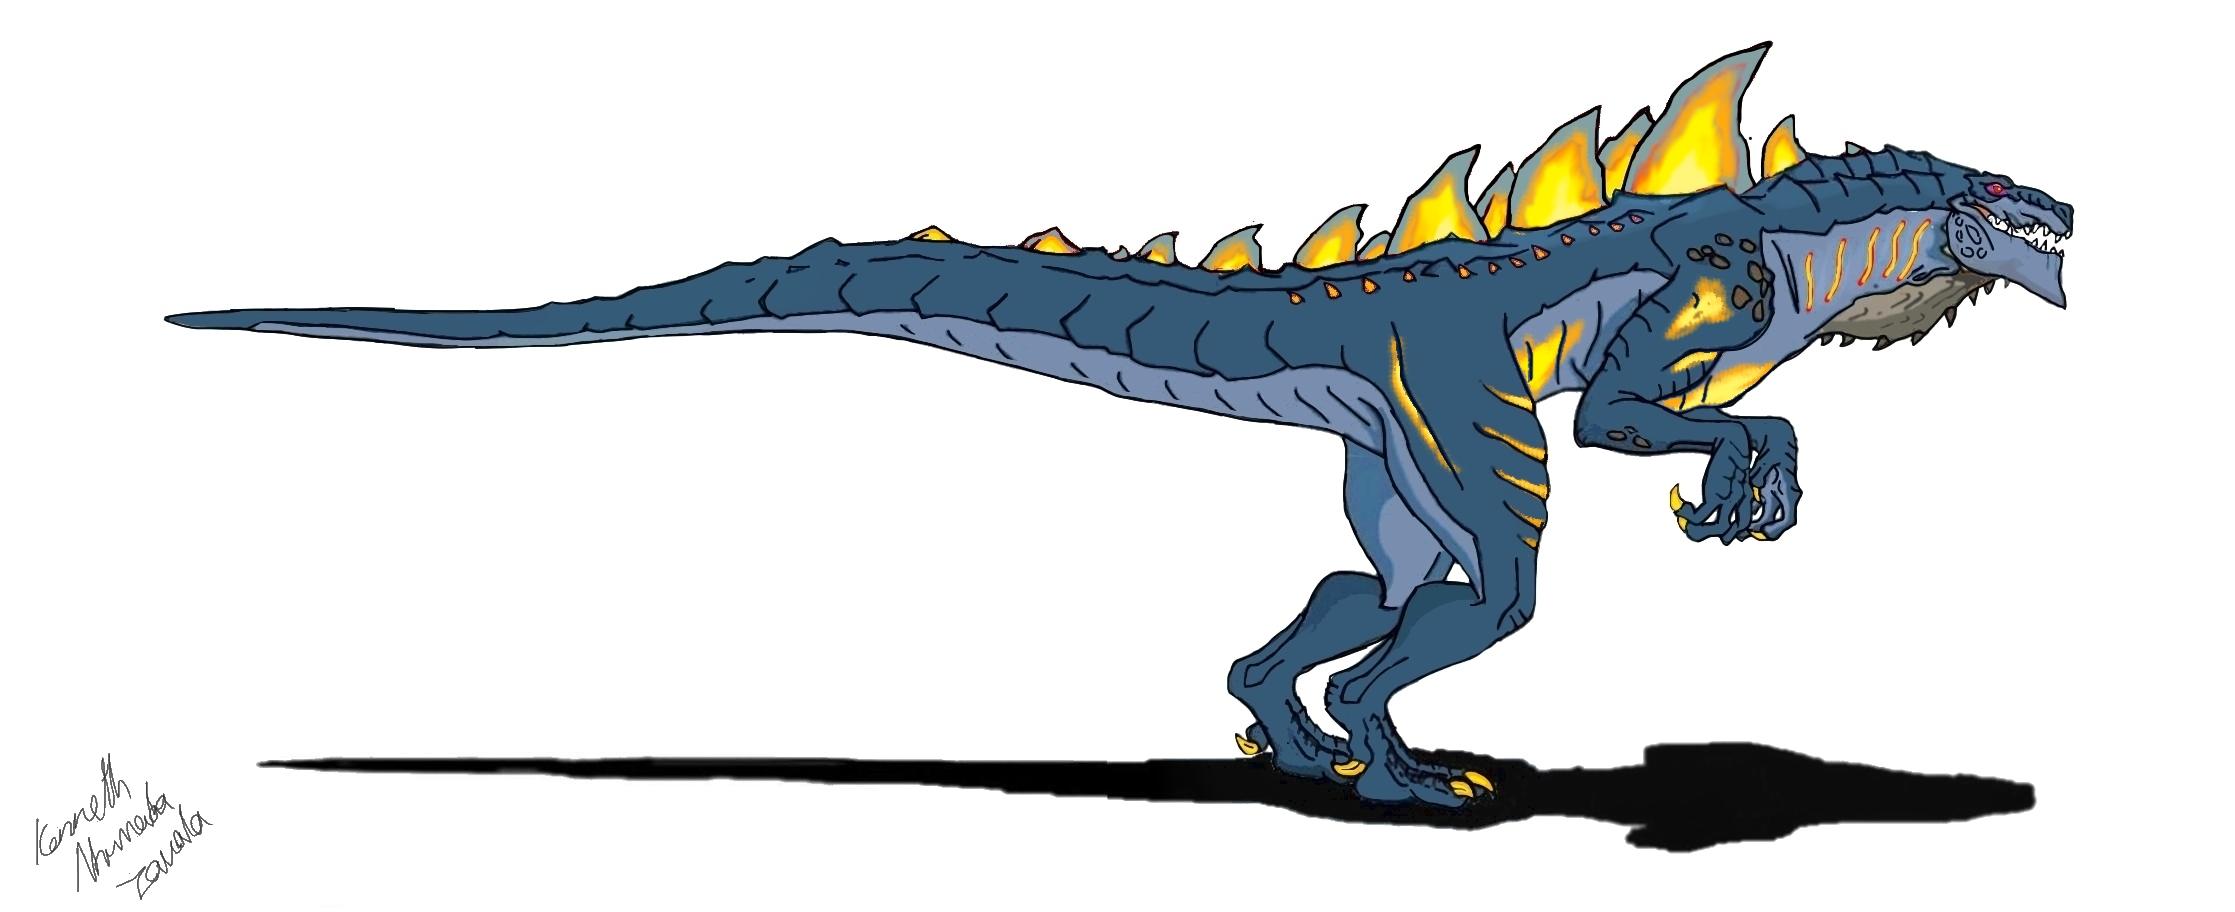 Godzilla clipart zilla 801 by Dino master abekowalski